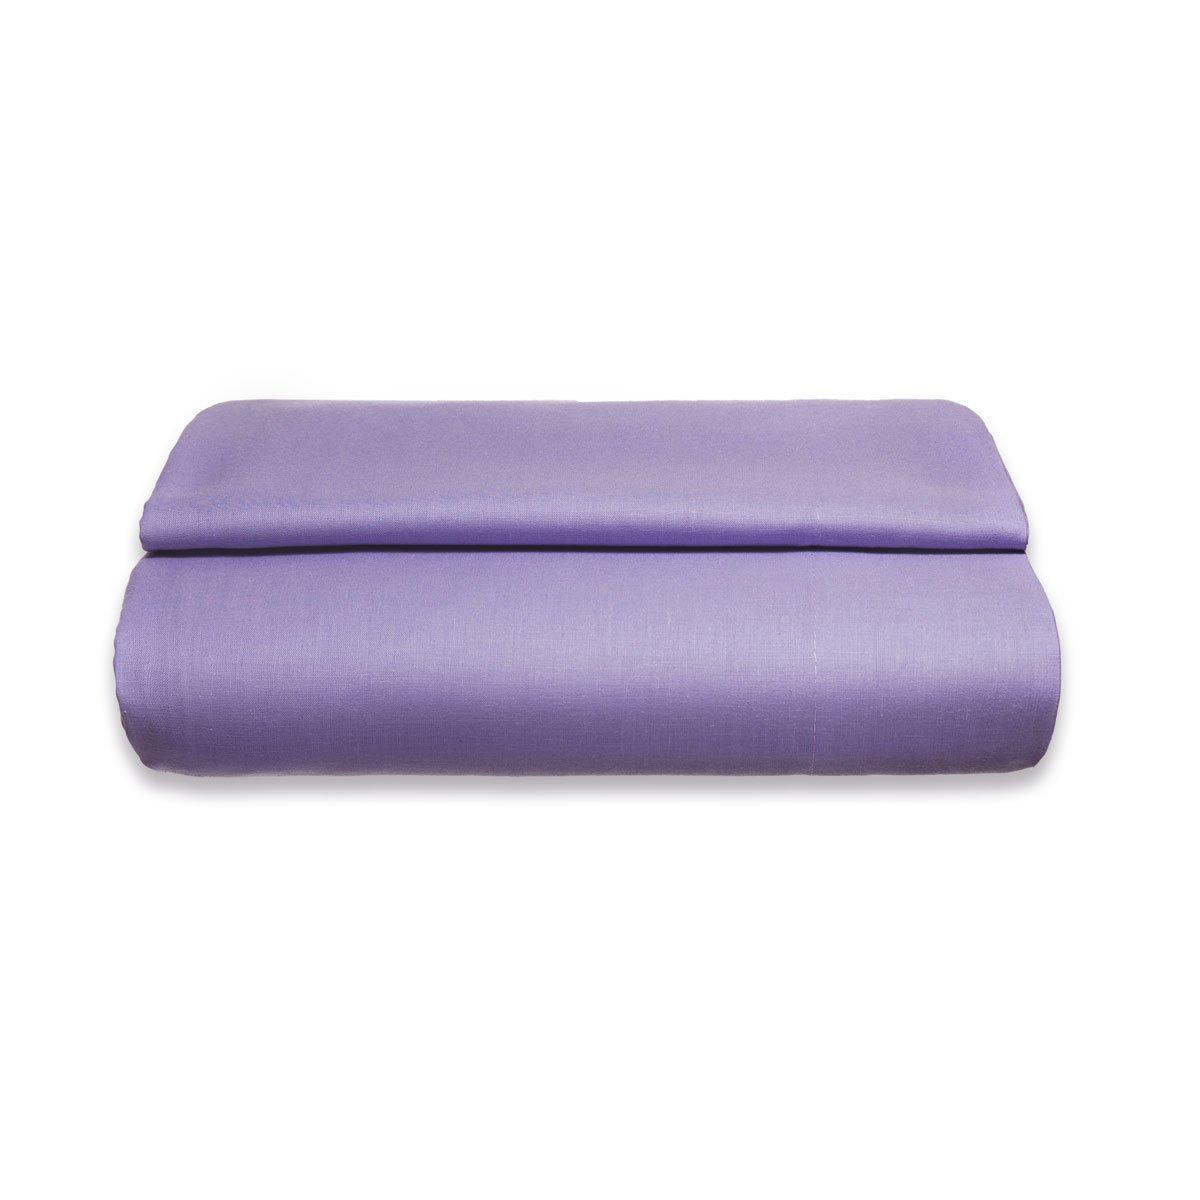 Sancarlos - Sábana encimera , 100% Algodón percal, Color lila, Cama de 90 cm: Amazon.es: Hogar